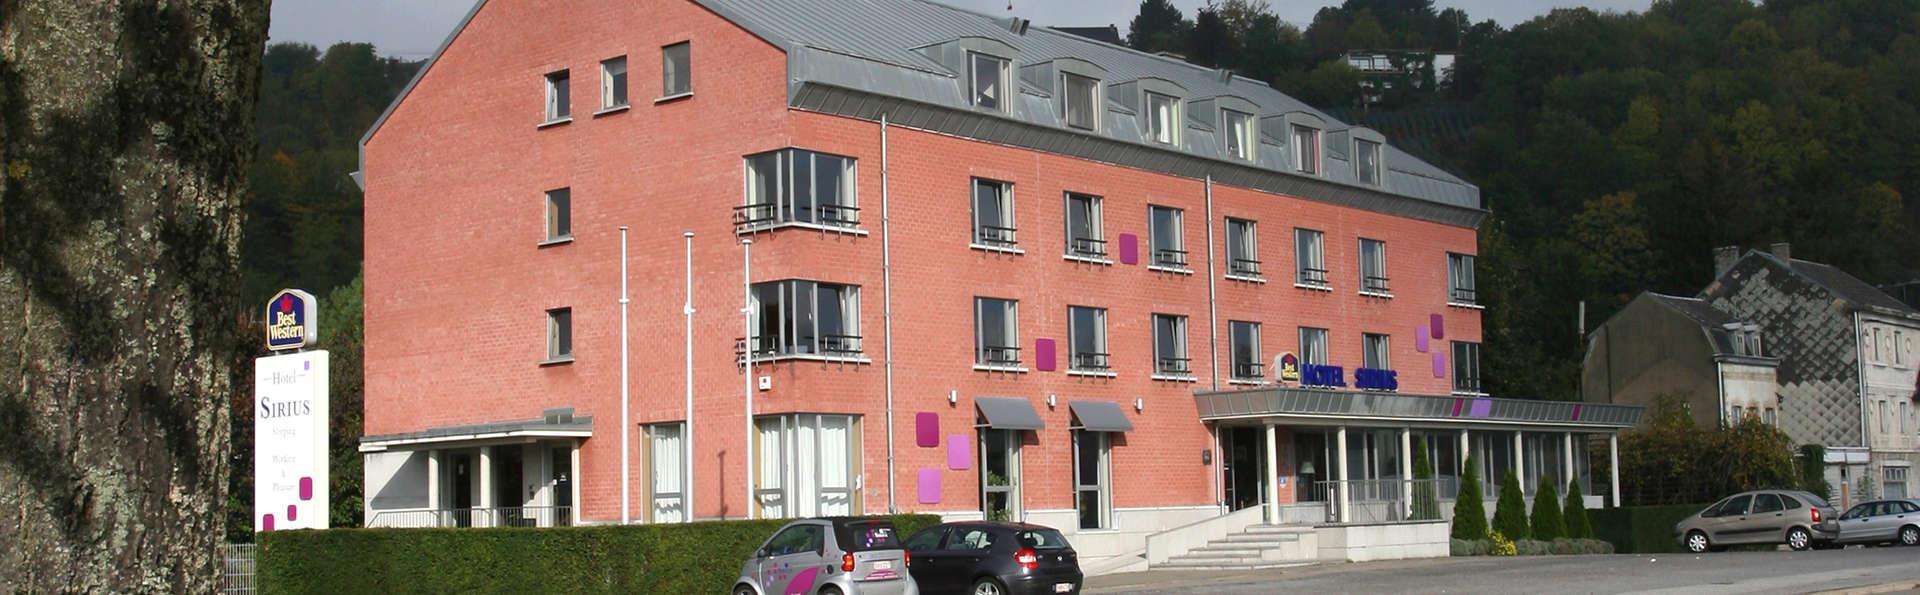 Hôtel Sirius - EDIT_front.jpg